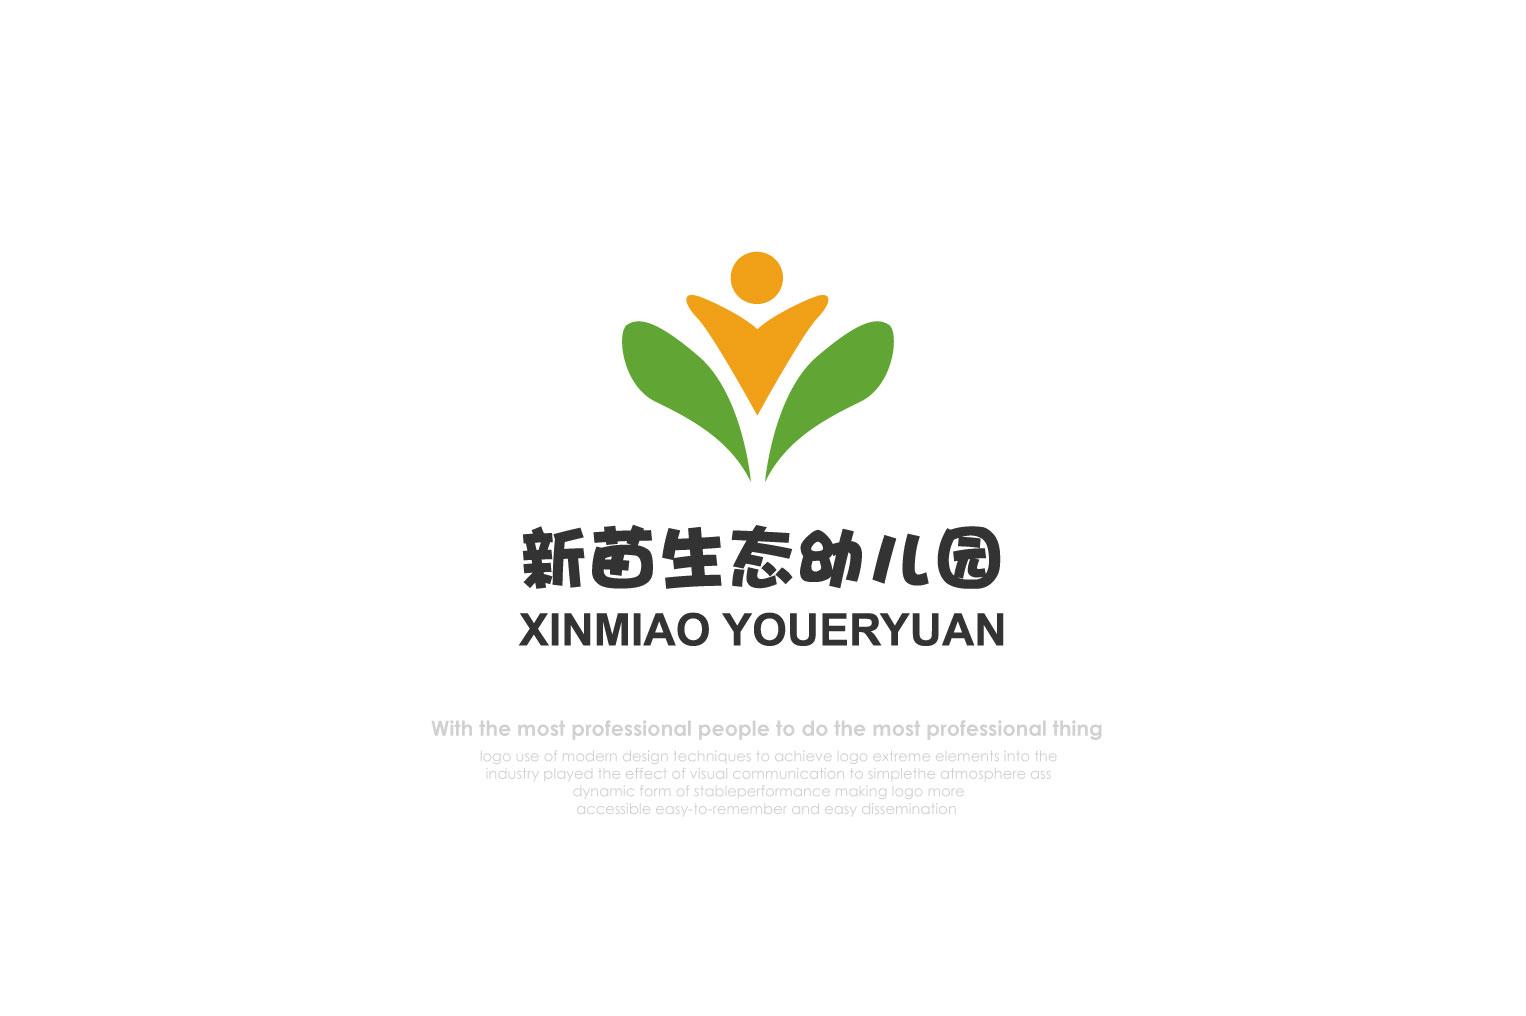 快乐艺雅稿件_新苗生态幼儿园园徽(标志)设计_k68